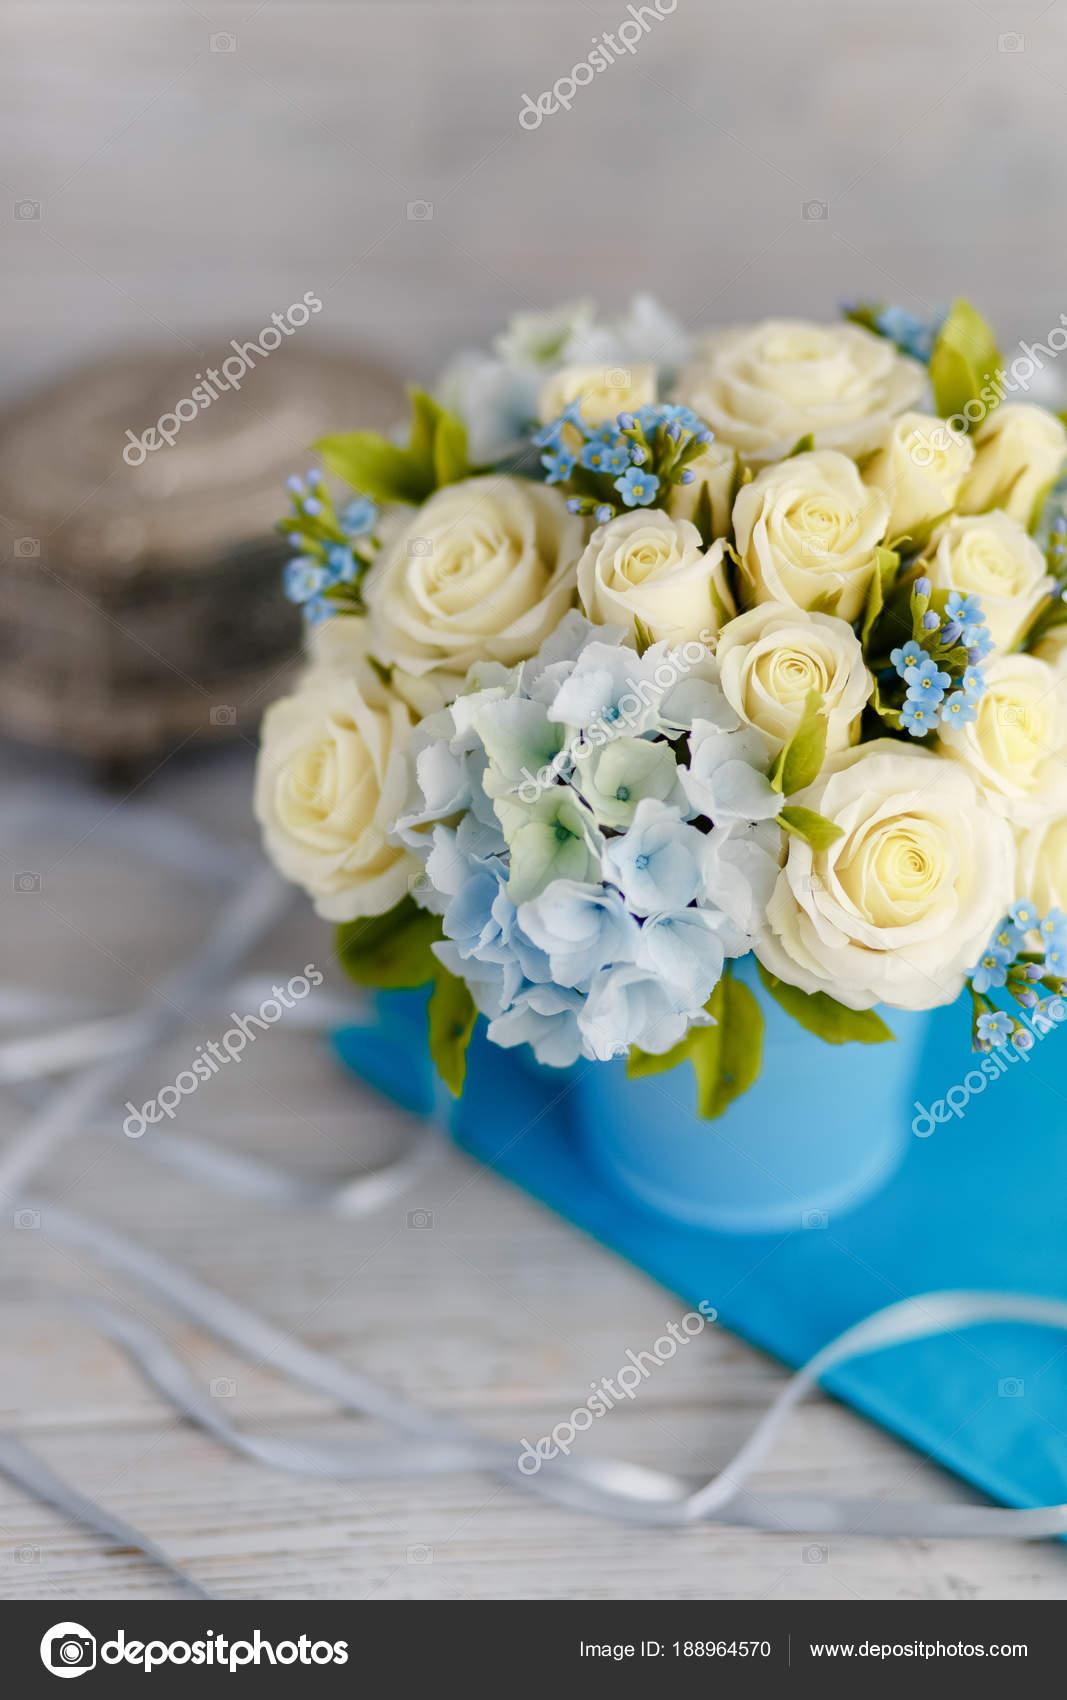 Addobbi Floreali Matrimonio Azzurro : Profumo primavera squisito fiori matrimonio bianco blu addobbi